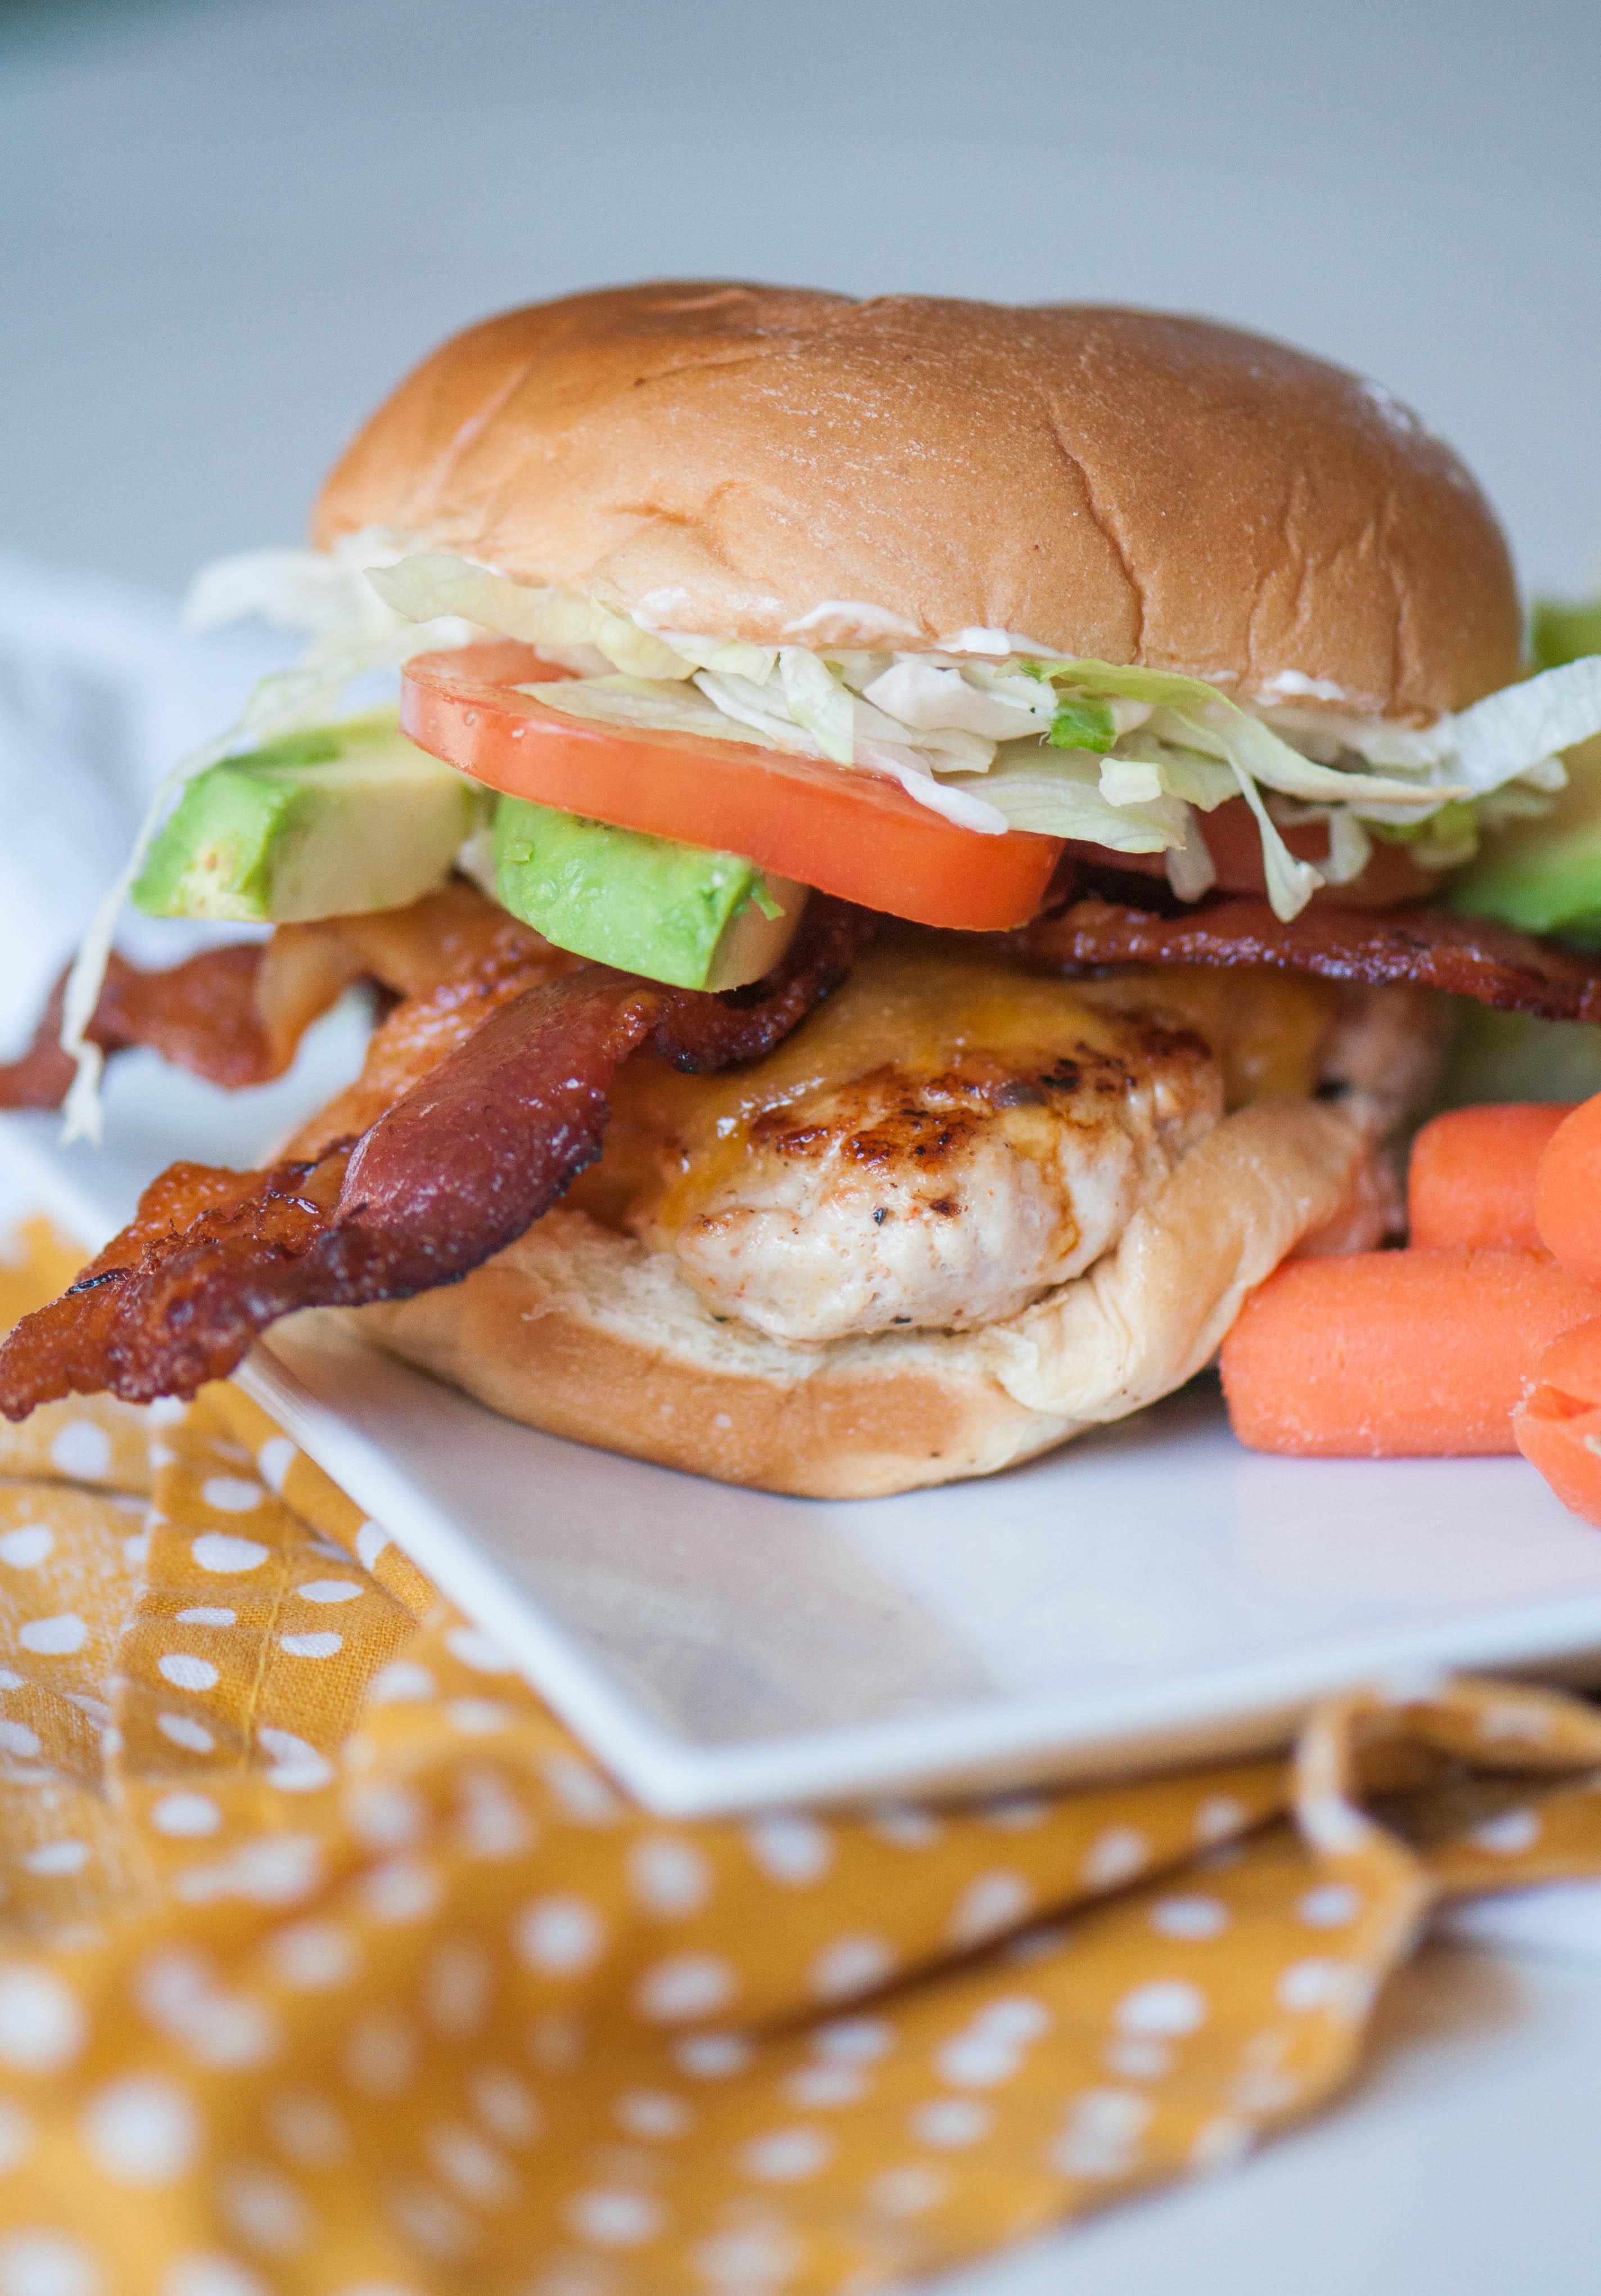 Turkey Club Burger